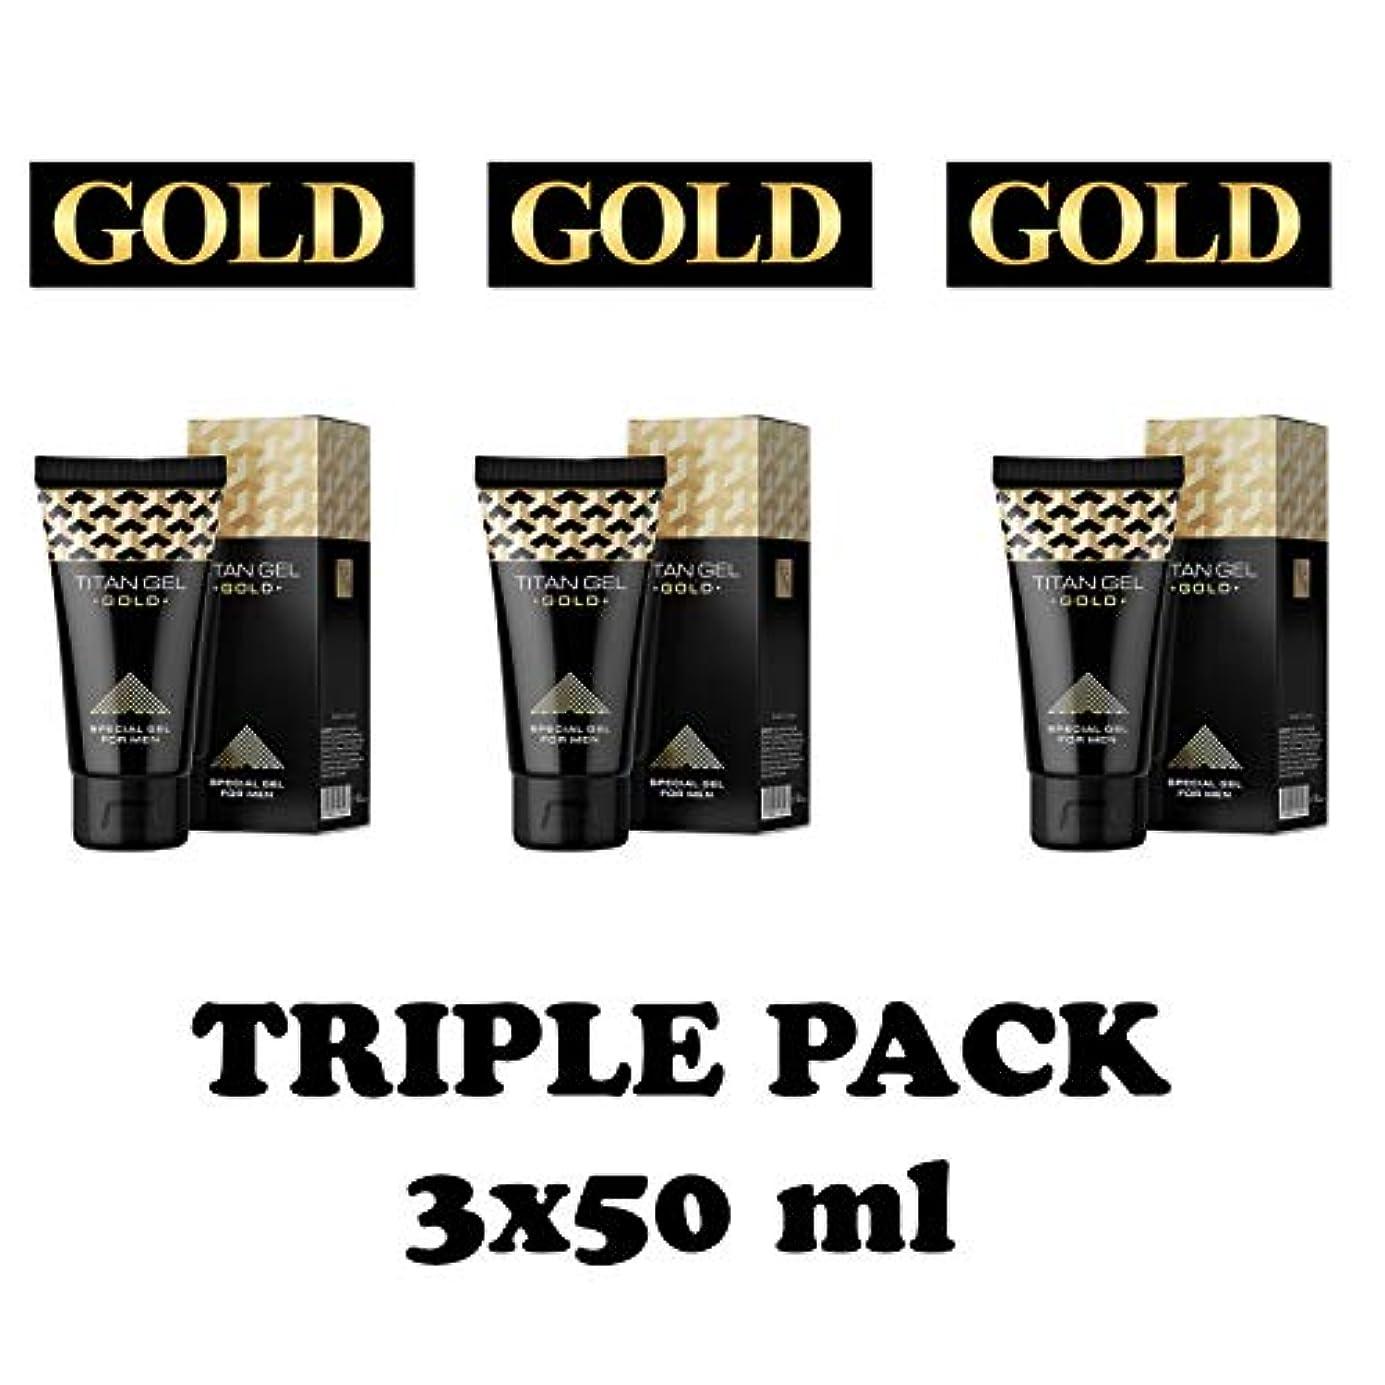 である闘争と遊ぶタイタンジェル ゴールド Titan gel Gold 50ml 3箱セット 日本語説明付き [並行輸入品]